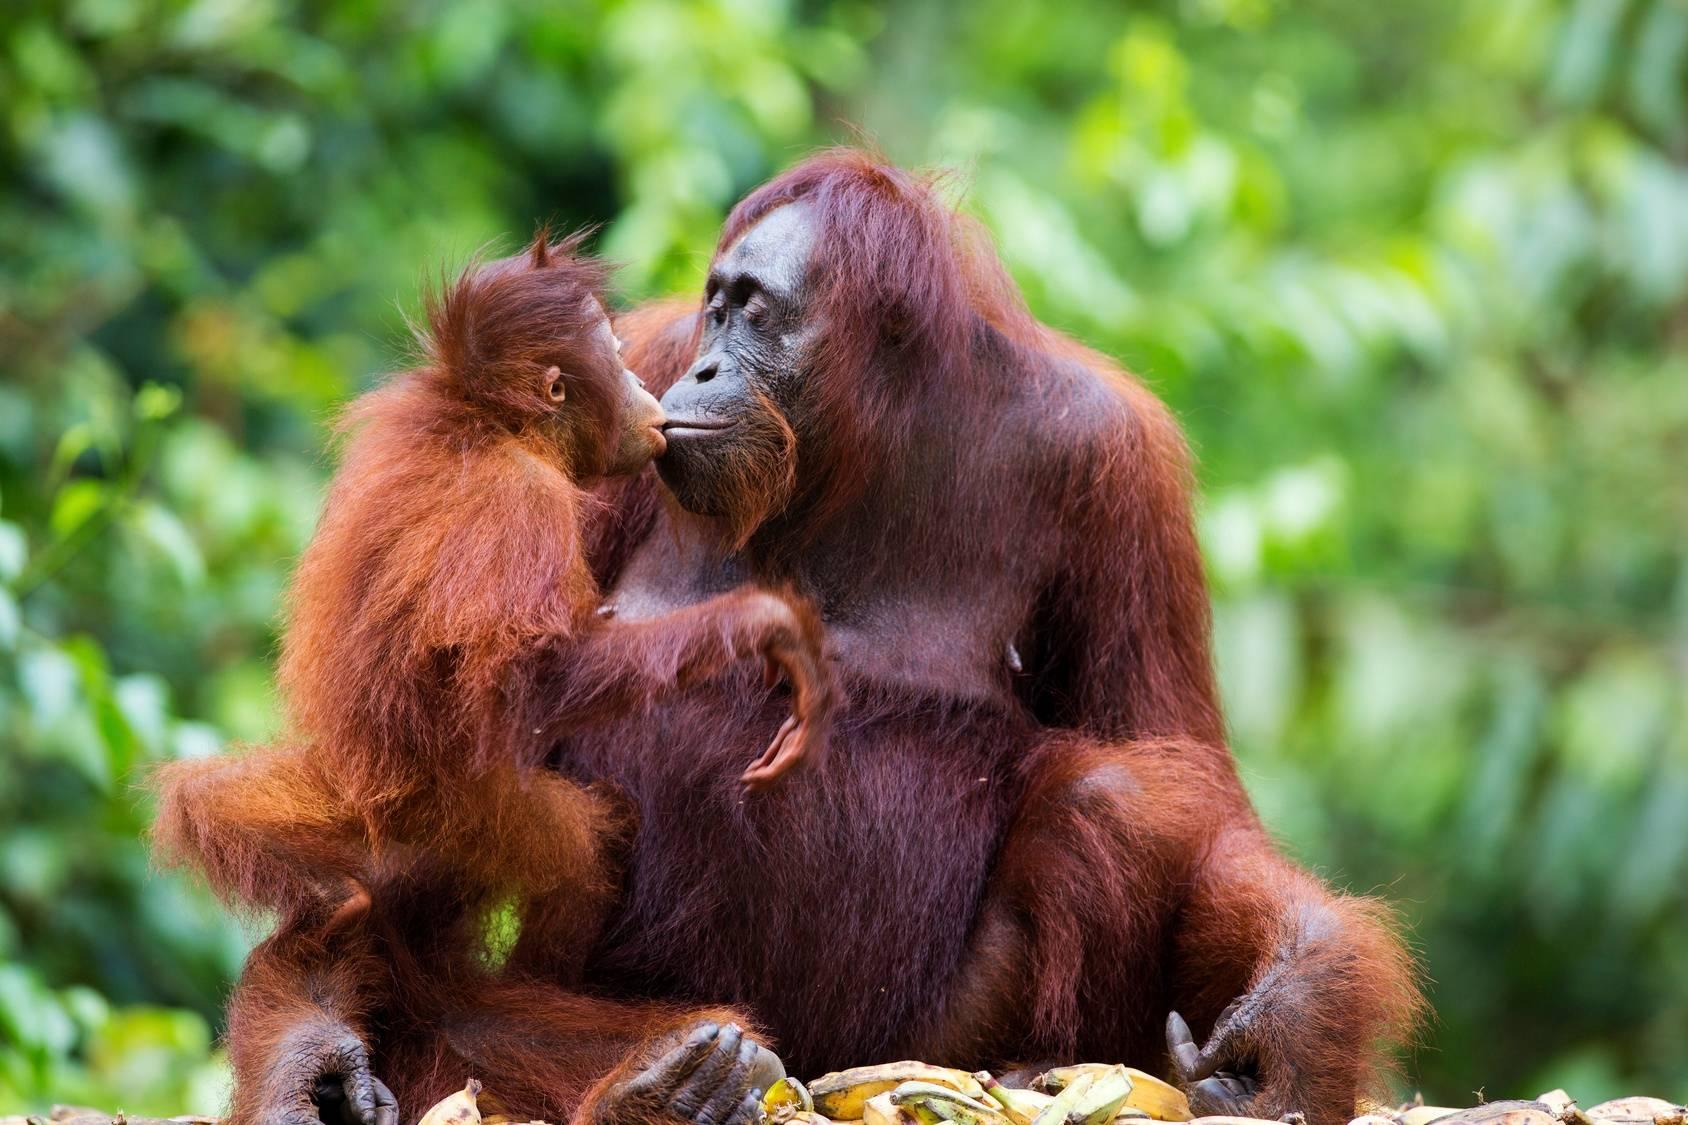 Orangutanica z małym orangutanem. Orangutany giną przez uprawę oleju palmowego.